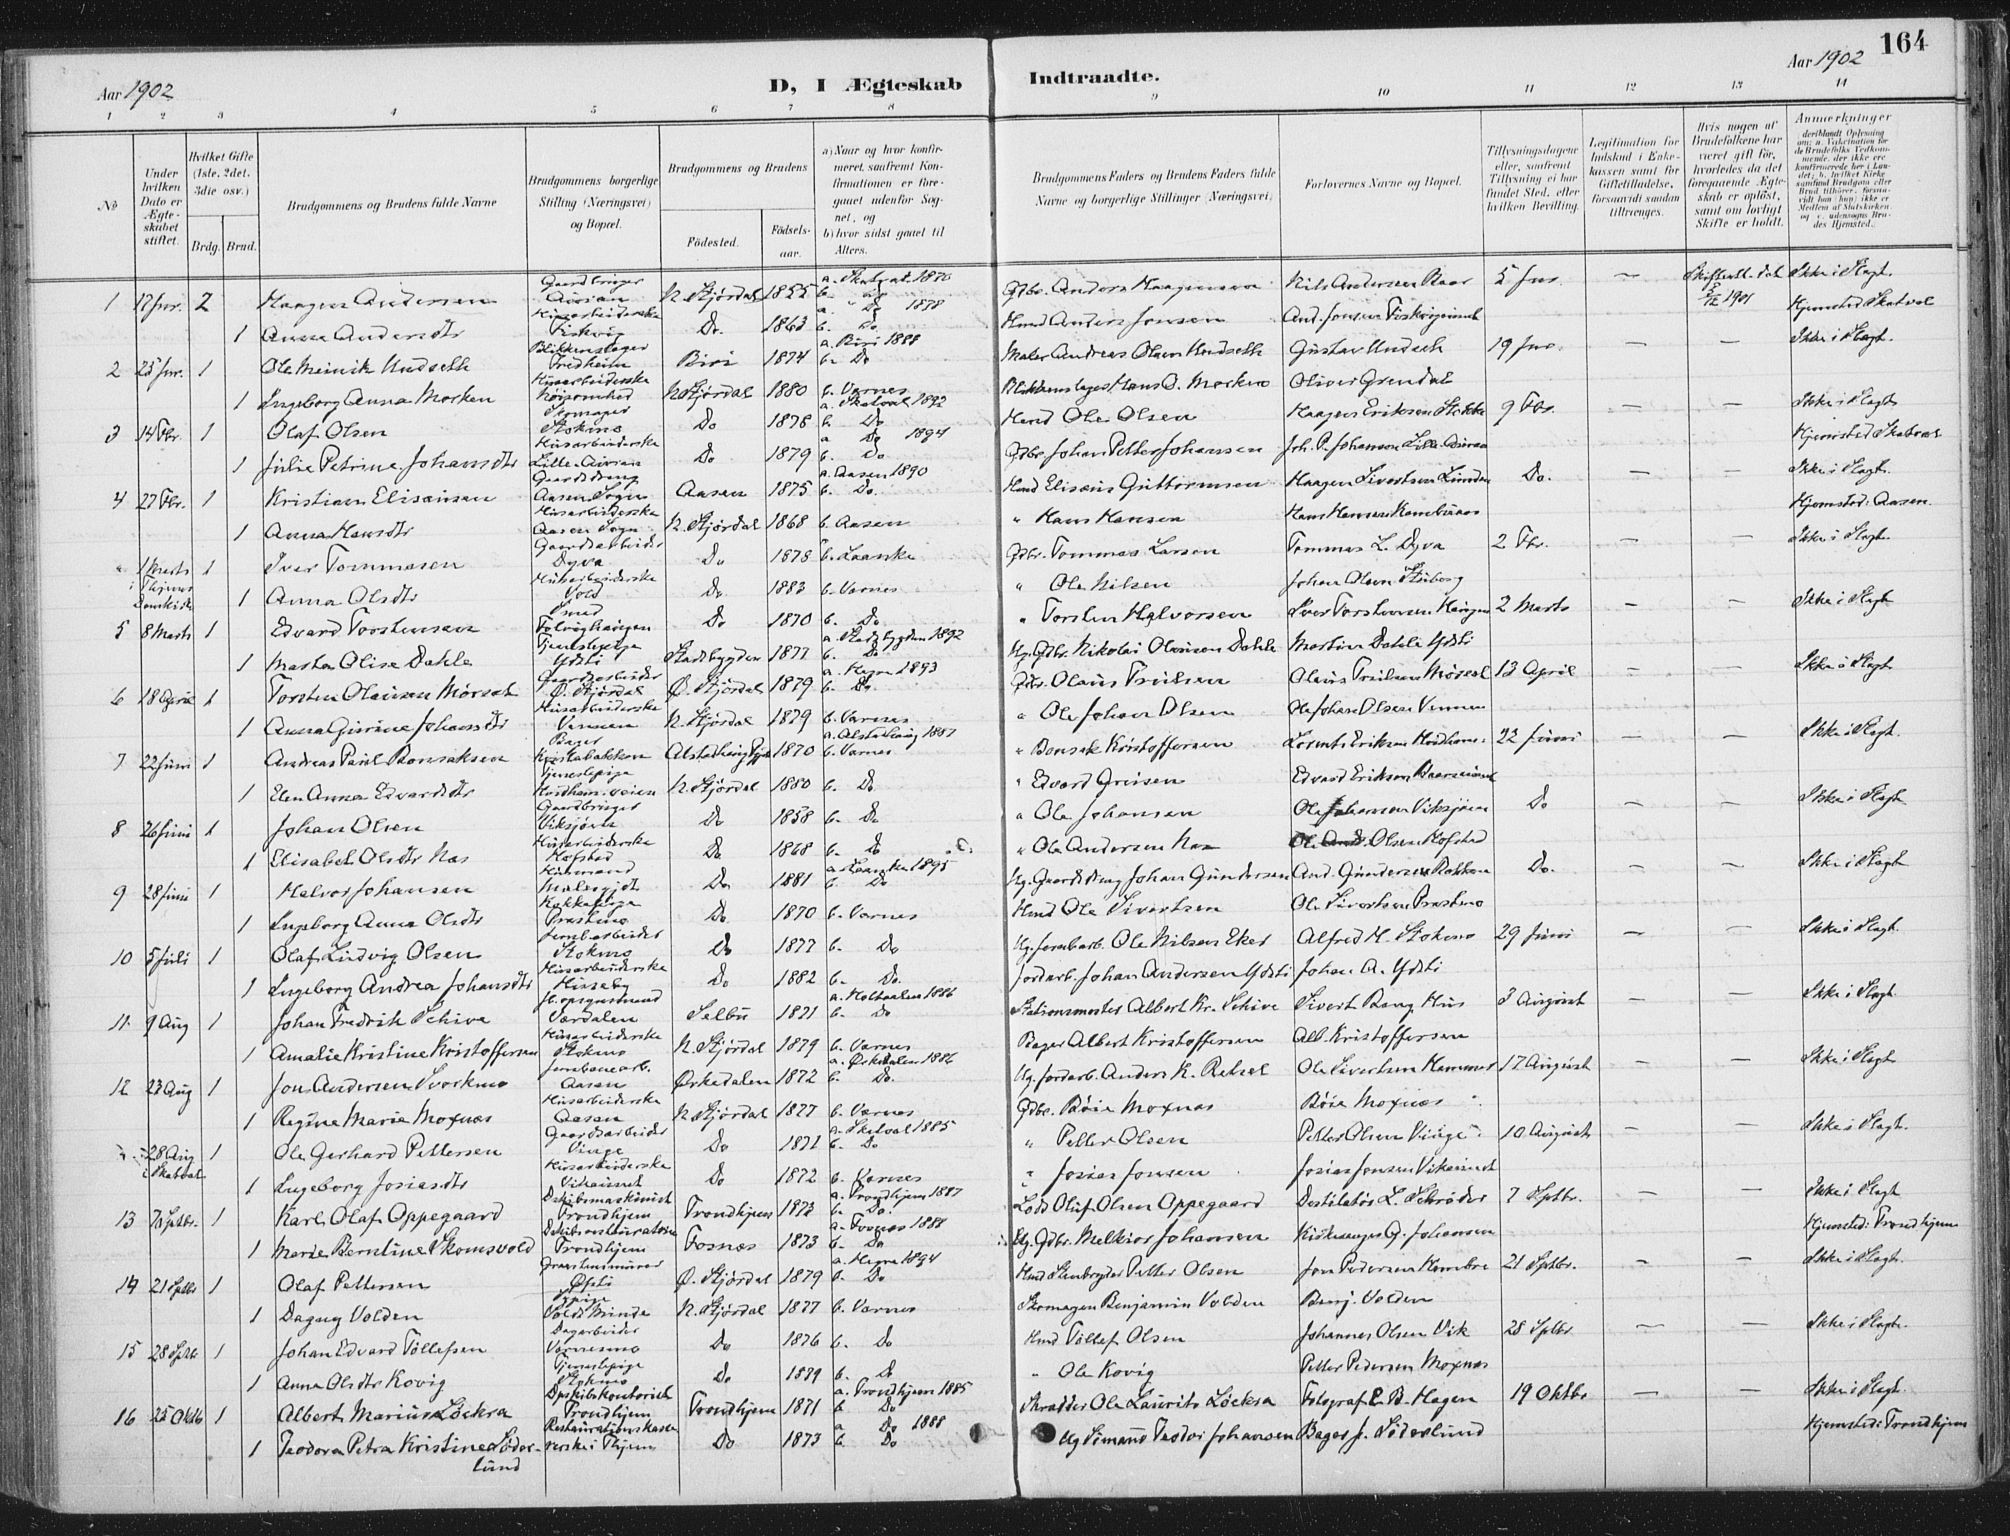 SAT, Ministerialprotokoller, klokkerbøker og fødselsregistre - Nord-Trøndelag, 709/L0082: Ministerialbok nr. 709A22, 1896-1916, s. 164